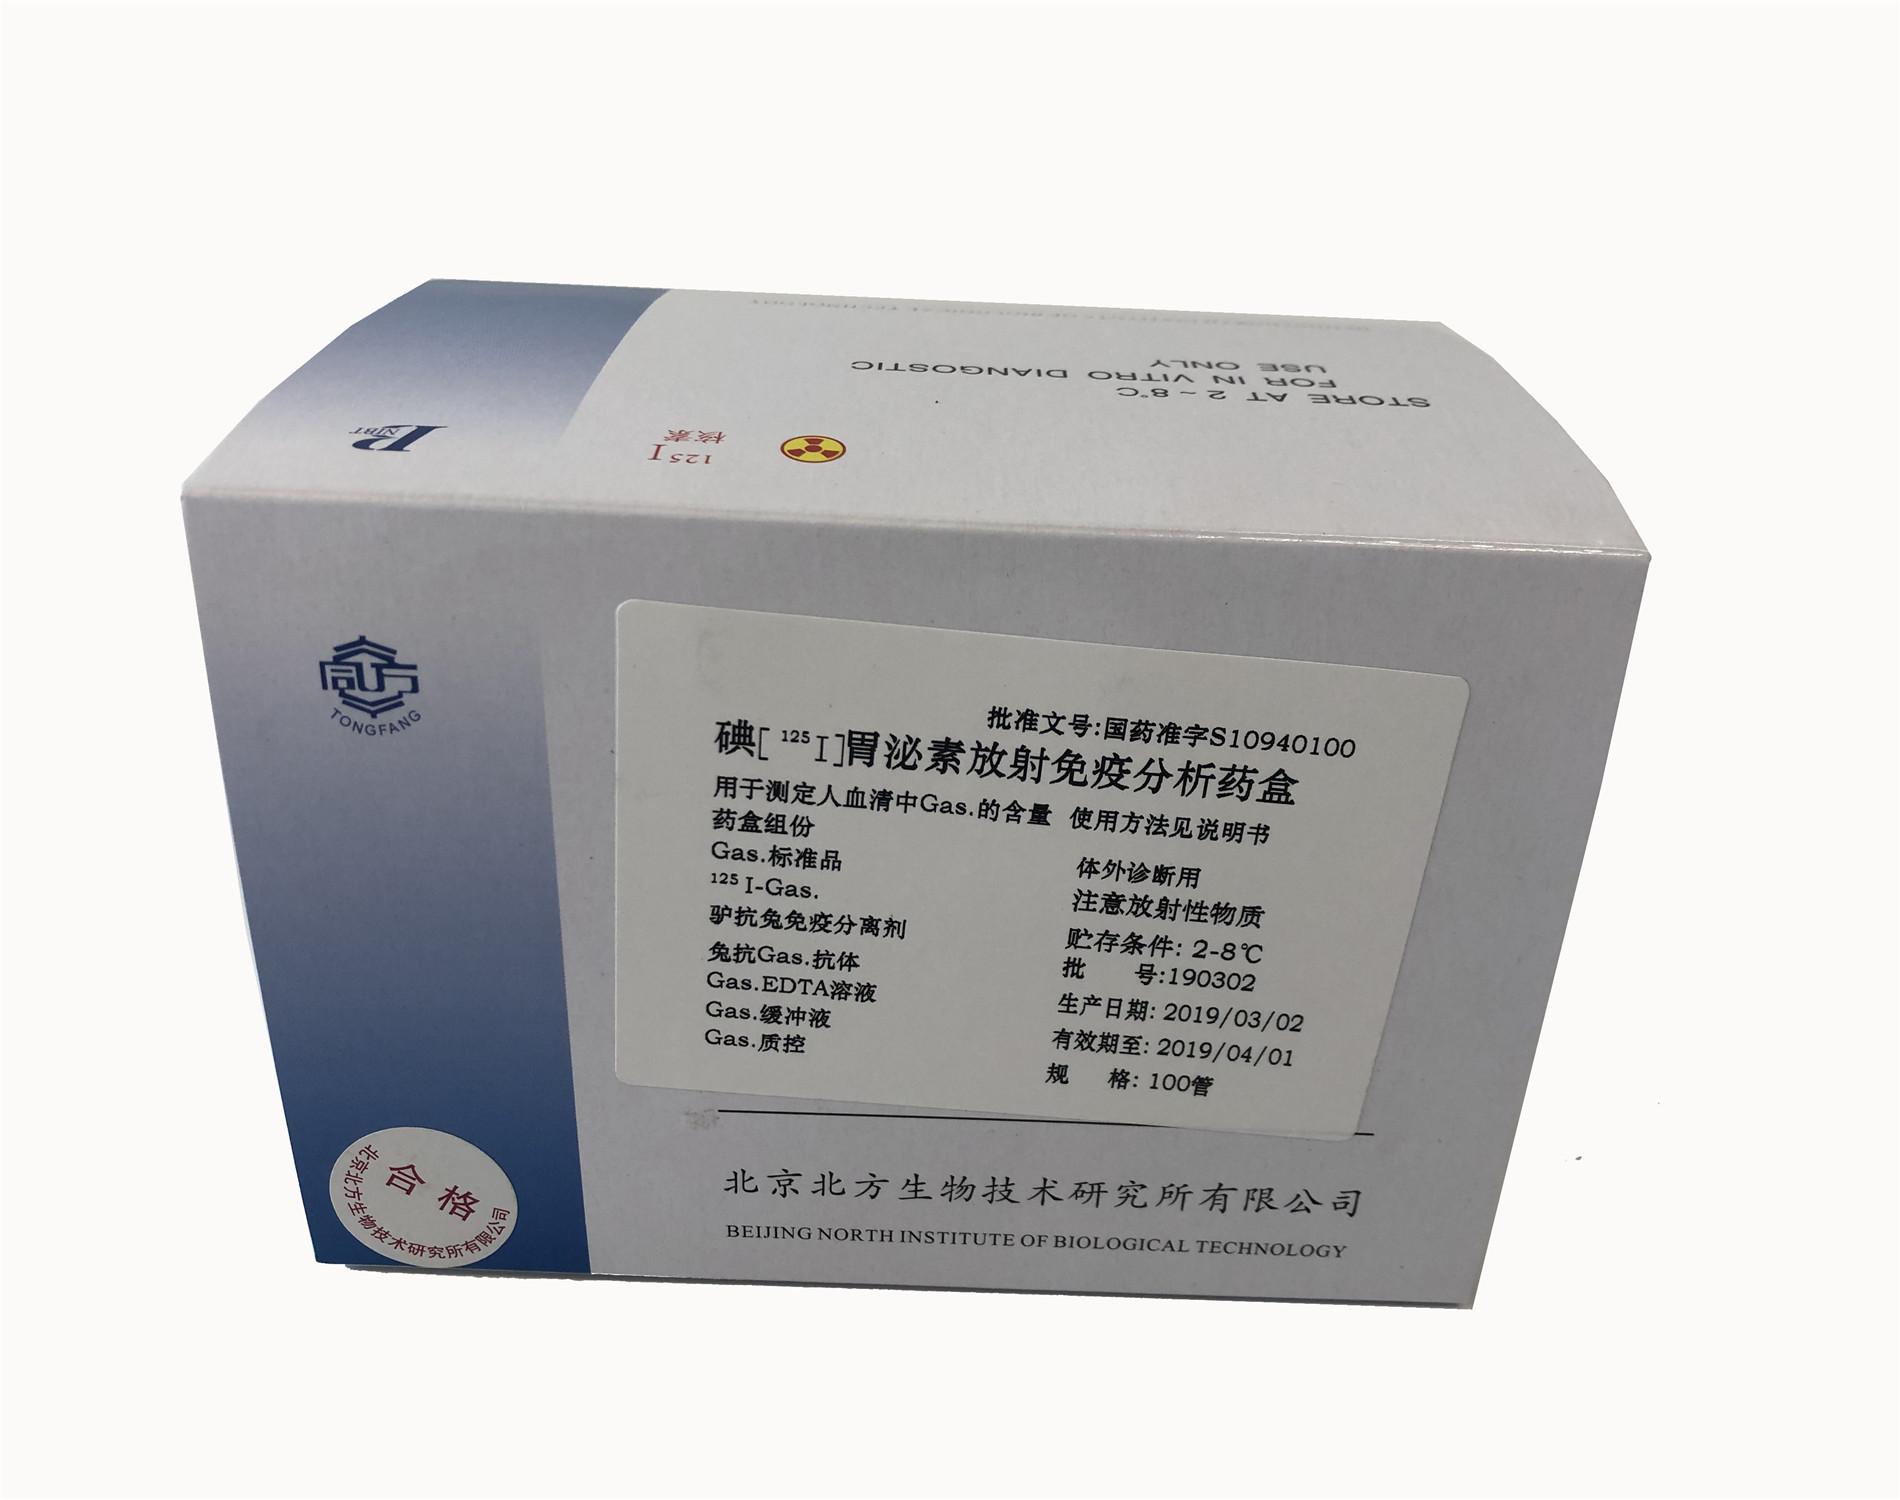 碘[125I]胃泌素放射免疫分析药盒